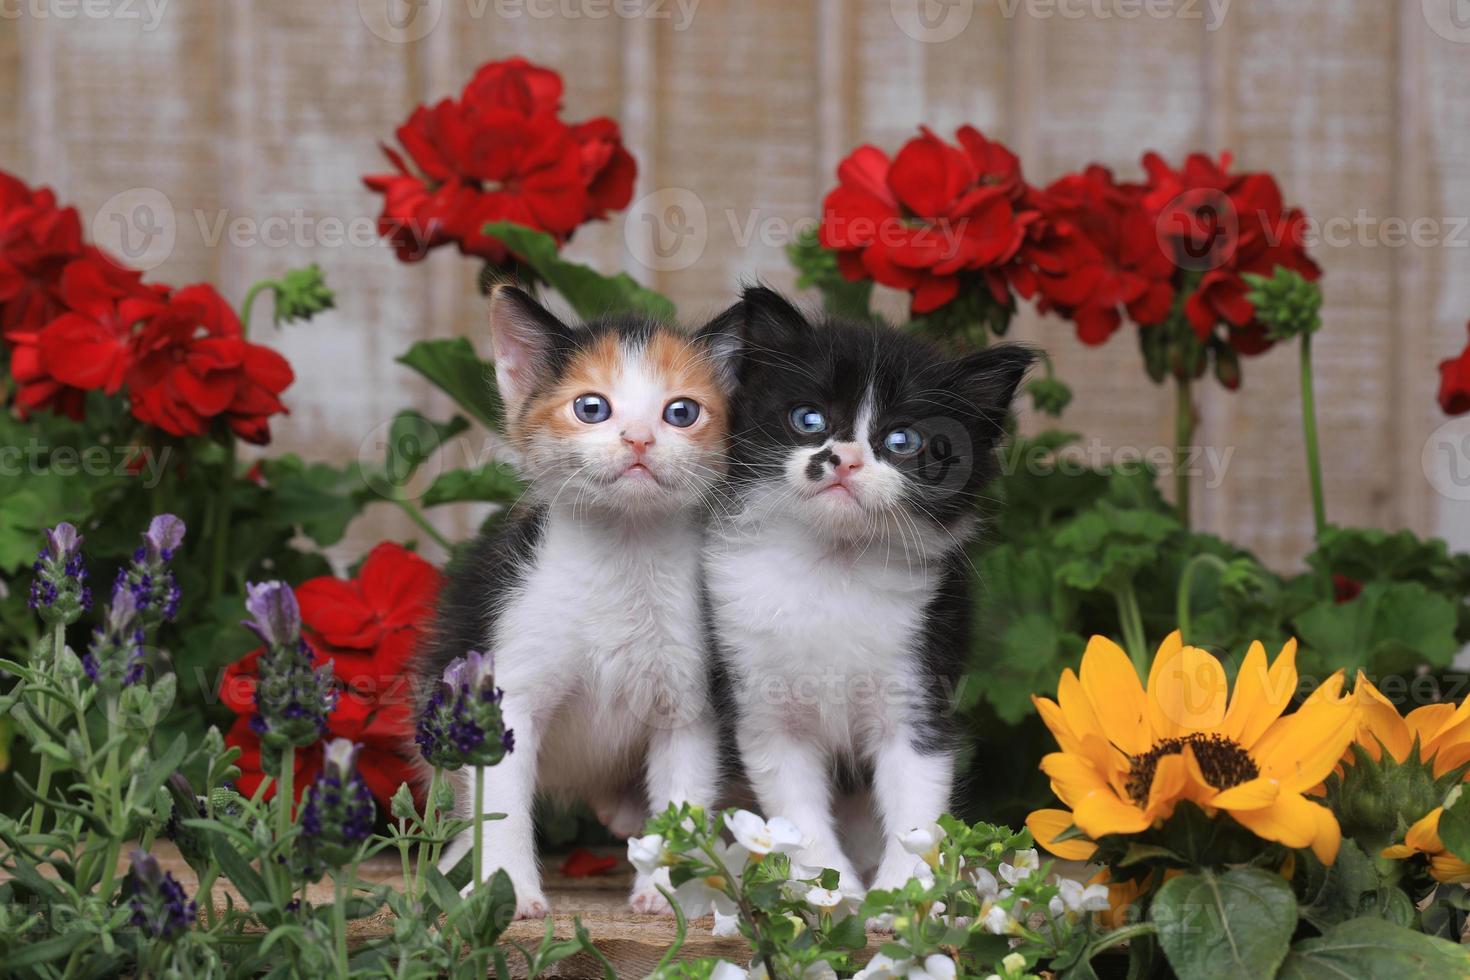 söta 3 veckor gamla kattungar i trädgårdsmiljö foto